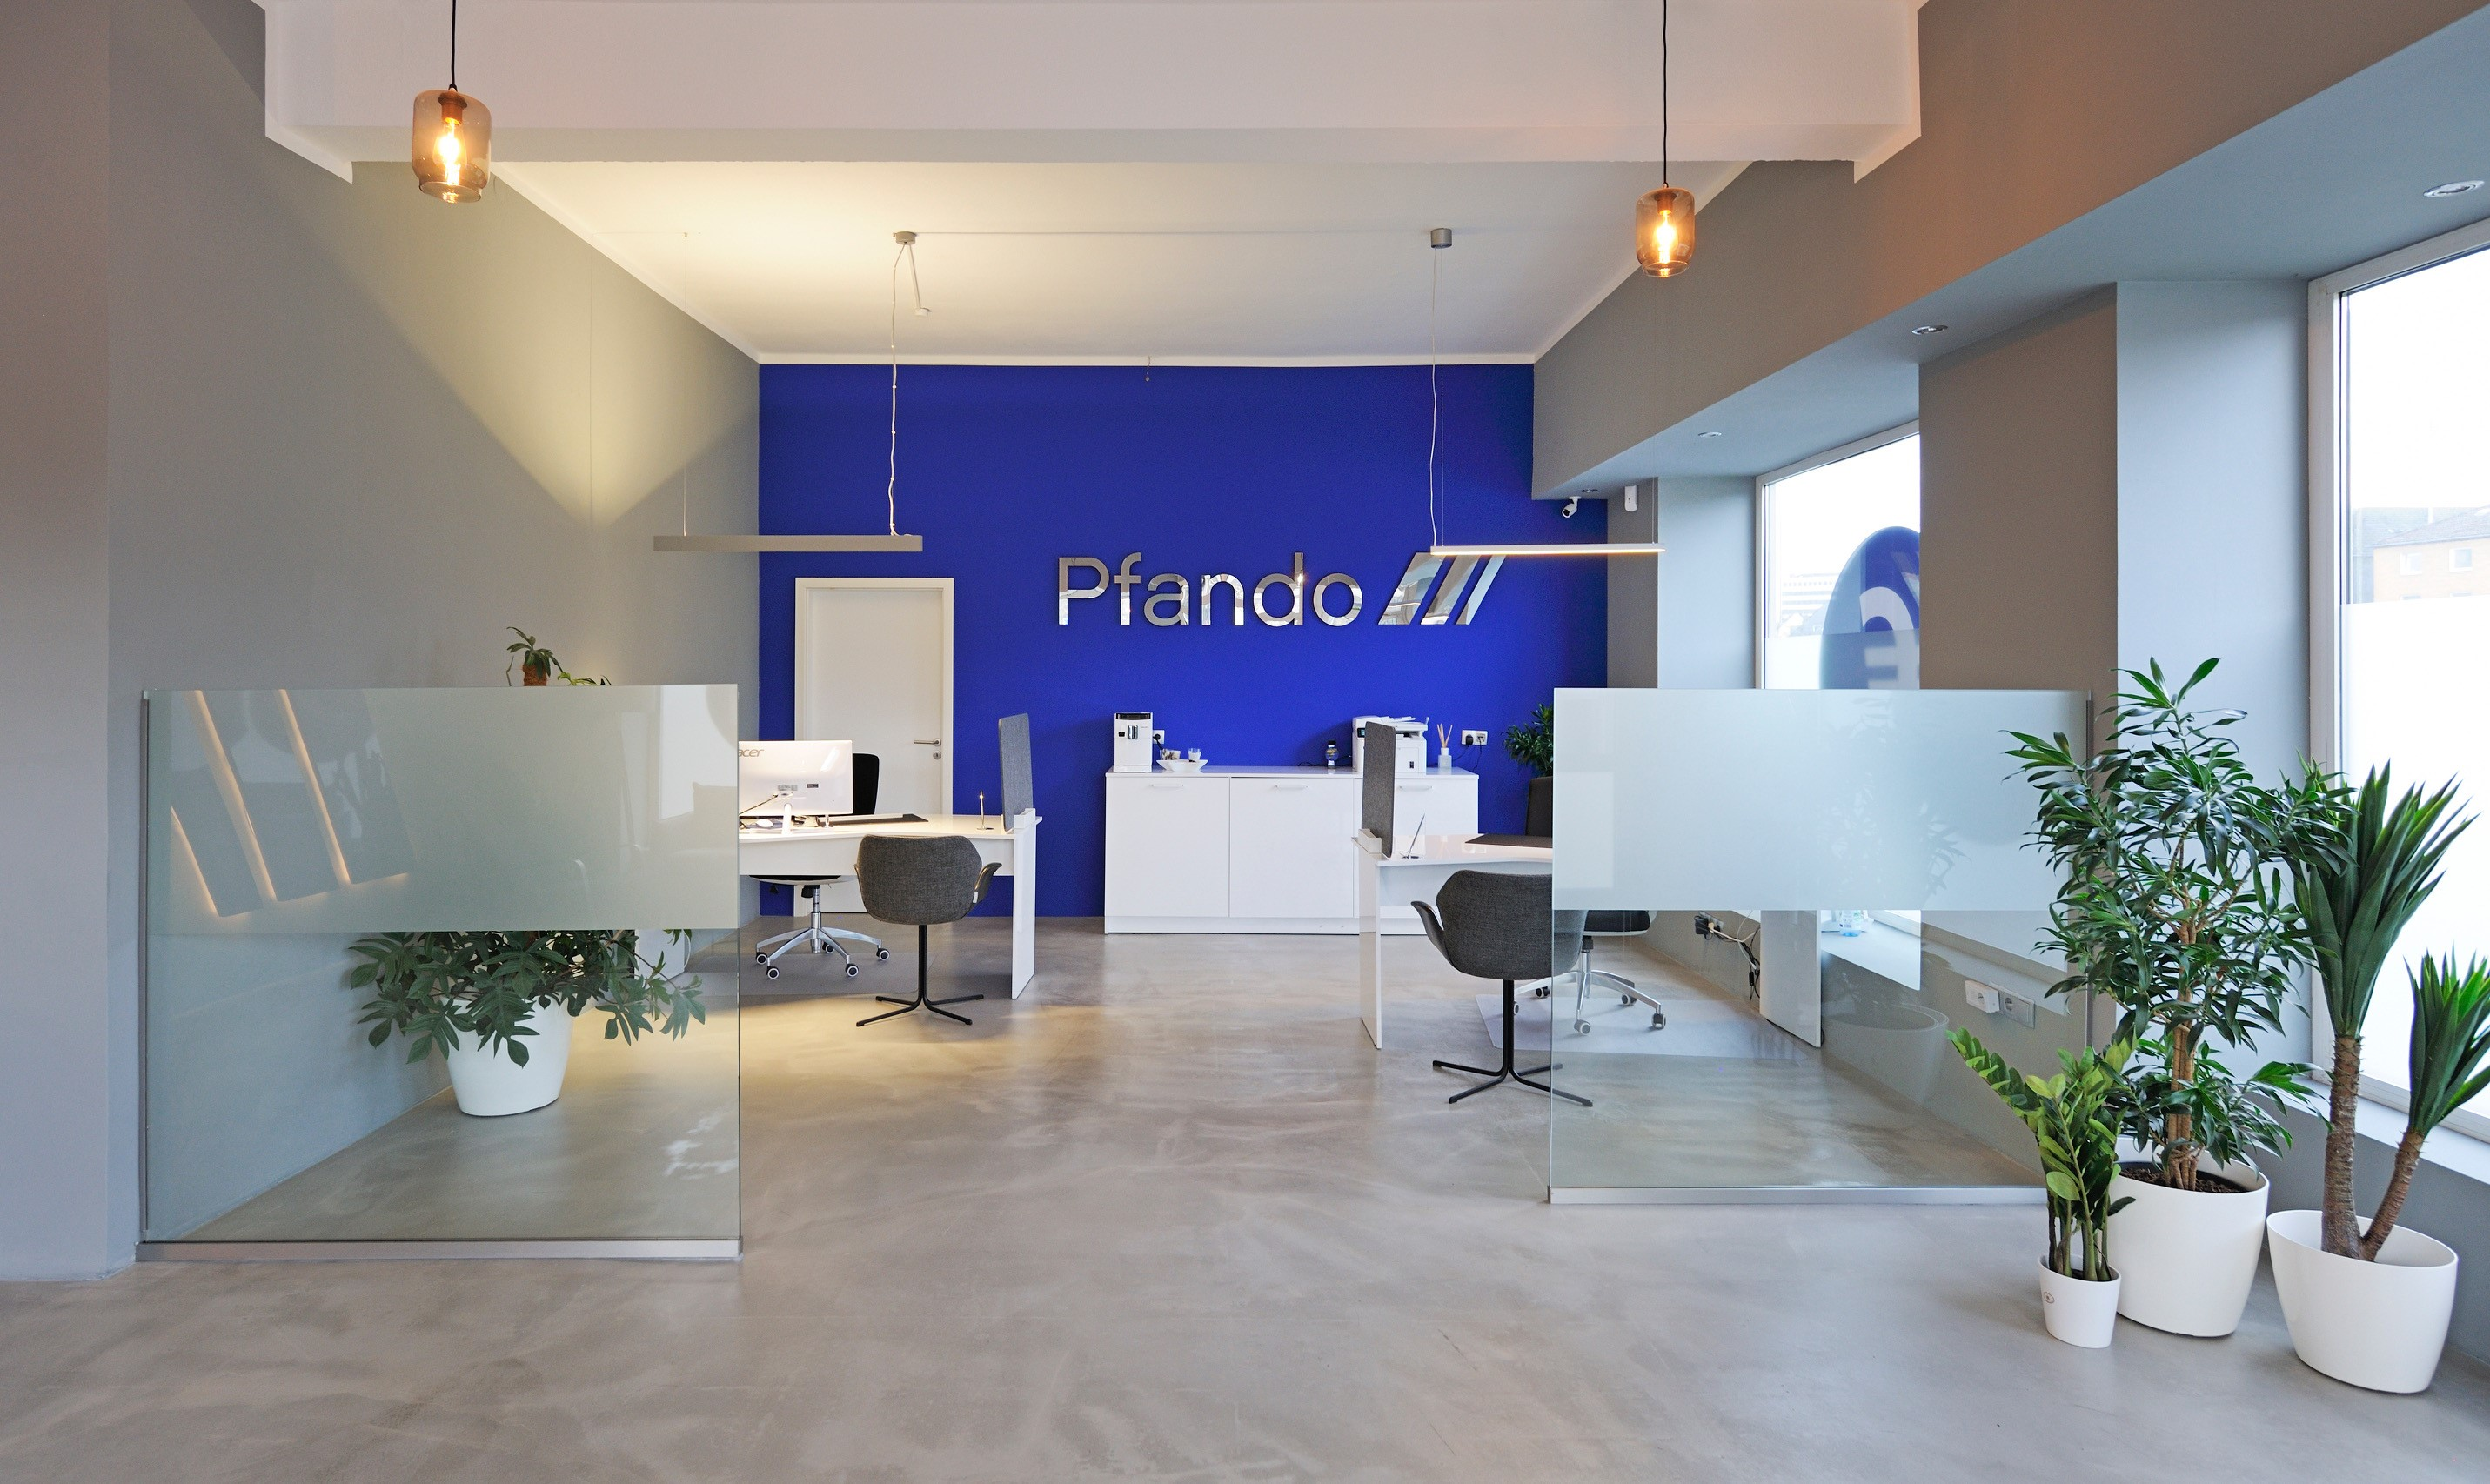 Pfando - Kfz-Pfandleihhaus München